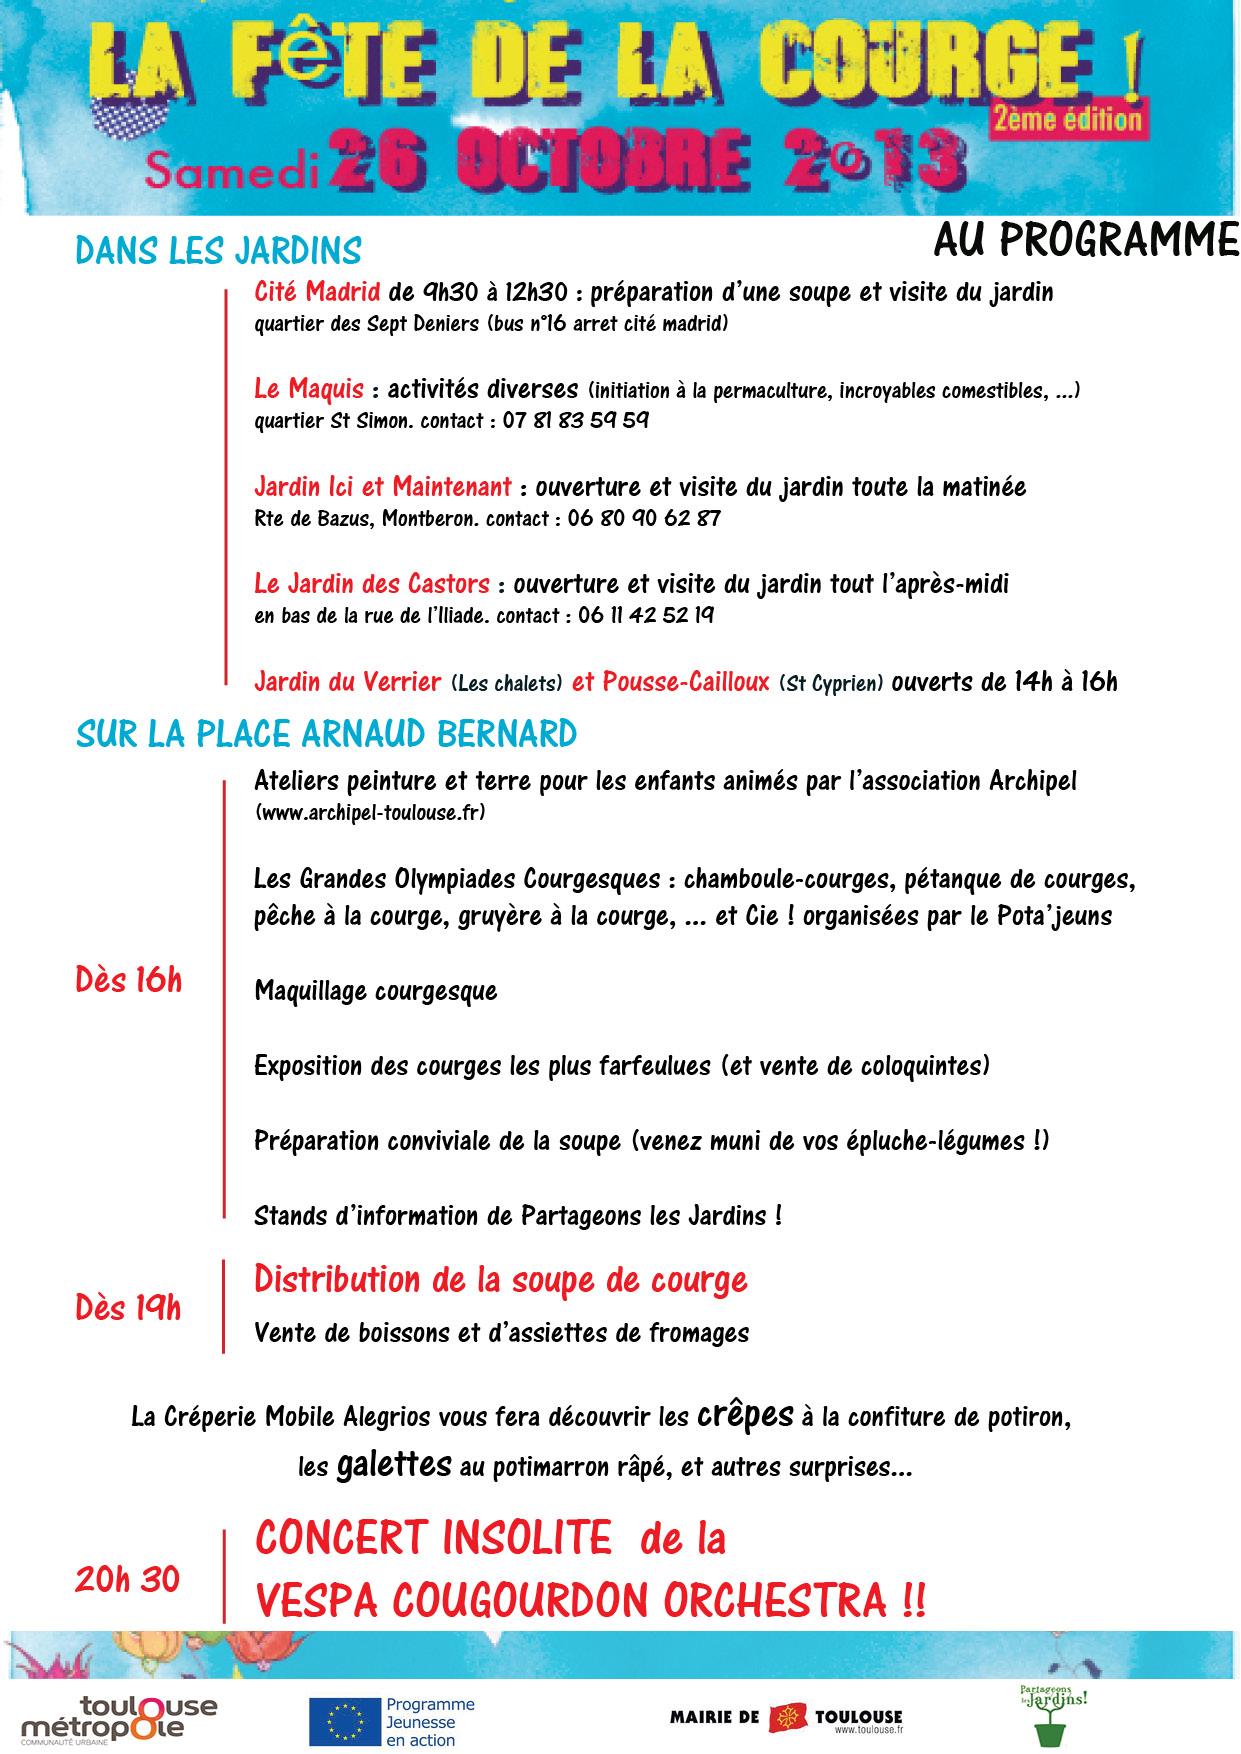 programme-FETE-DE-LA-COURGE_3